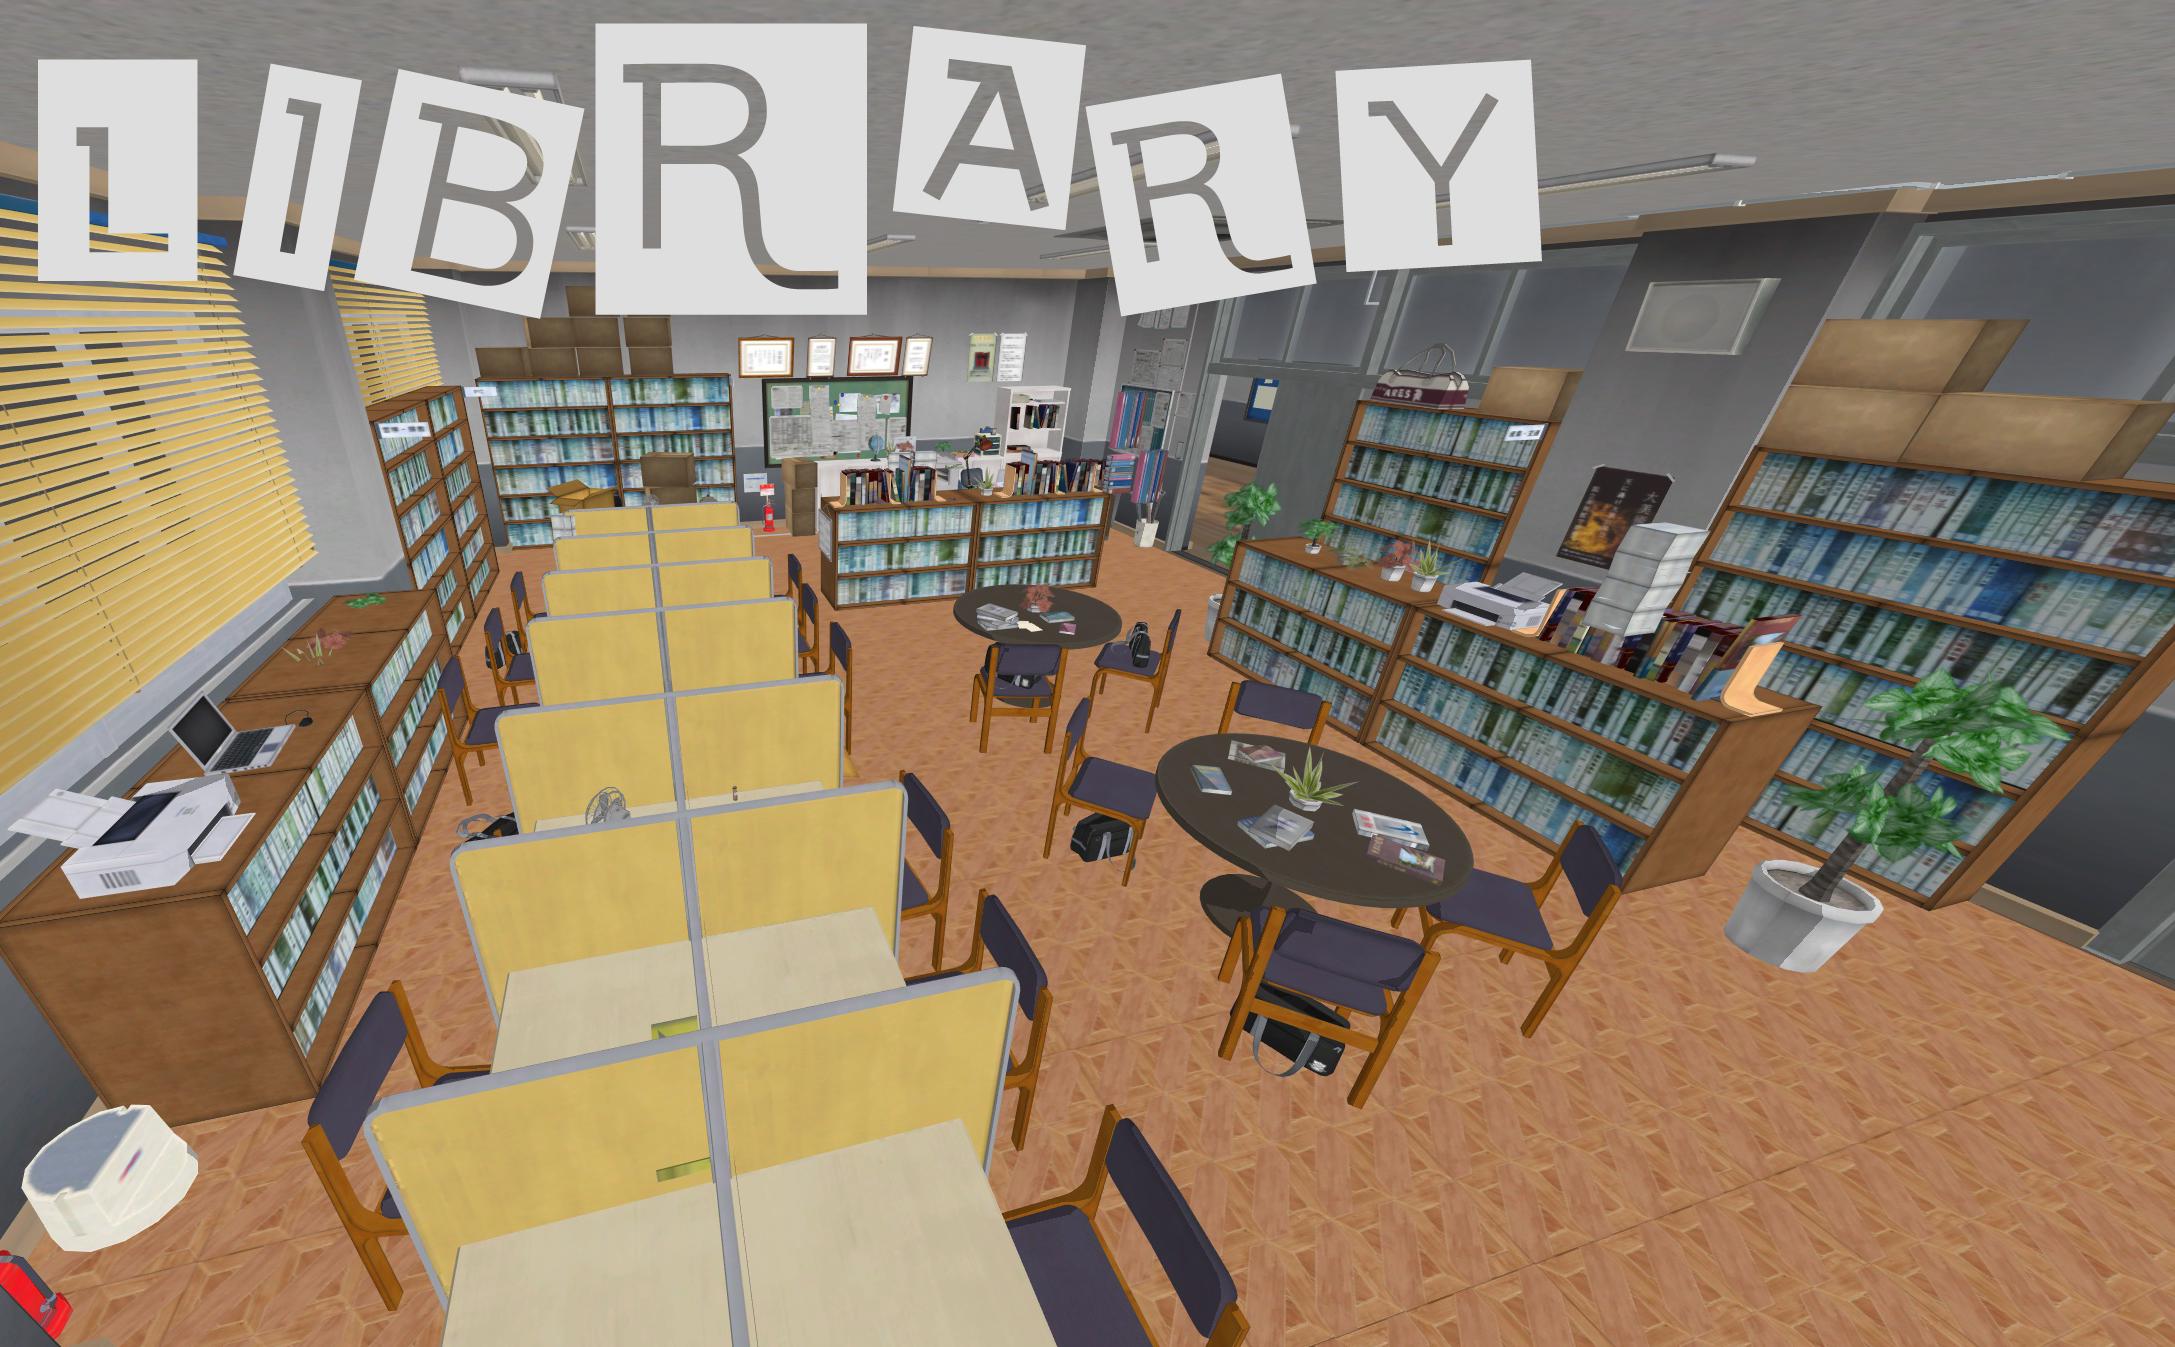 Persona 5: Library XNAlara by Xelandis